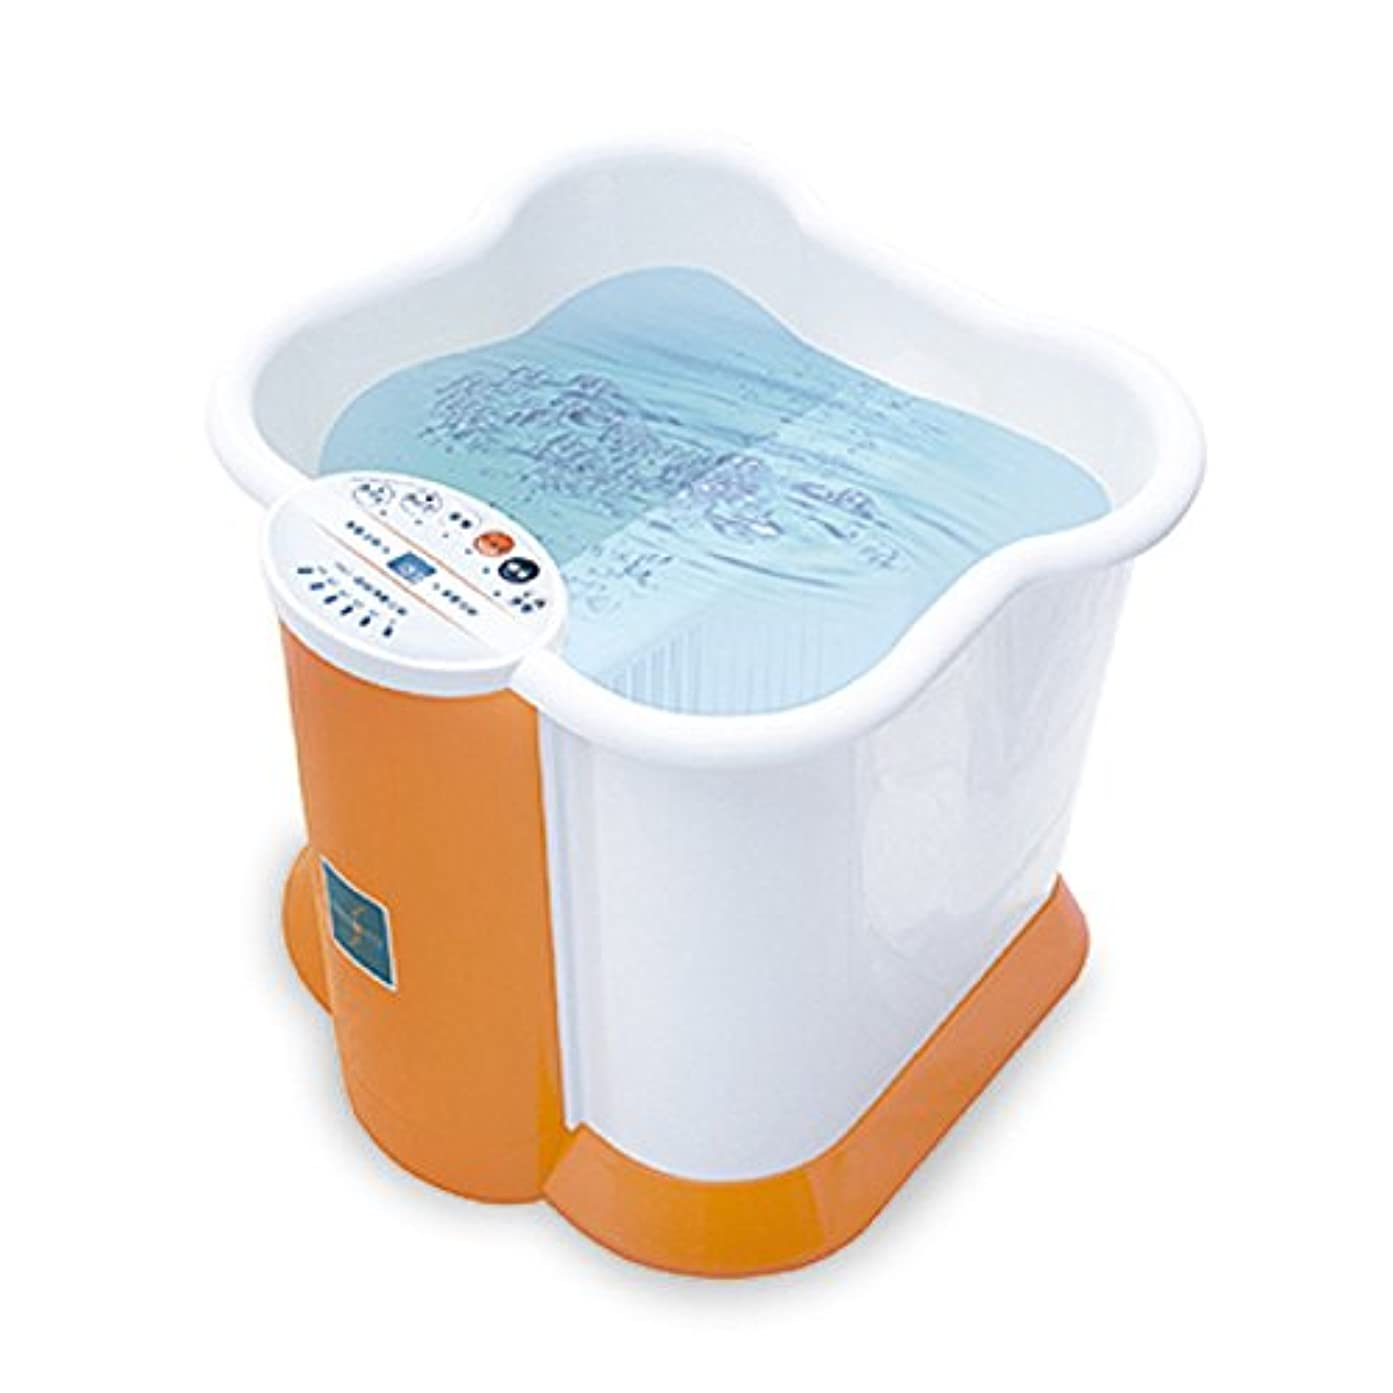 宿四回抵当深型 足湯 フットバス Ashiyu foot Spa KS-N1010 保温 バブル